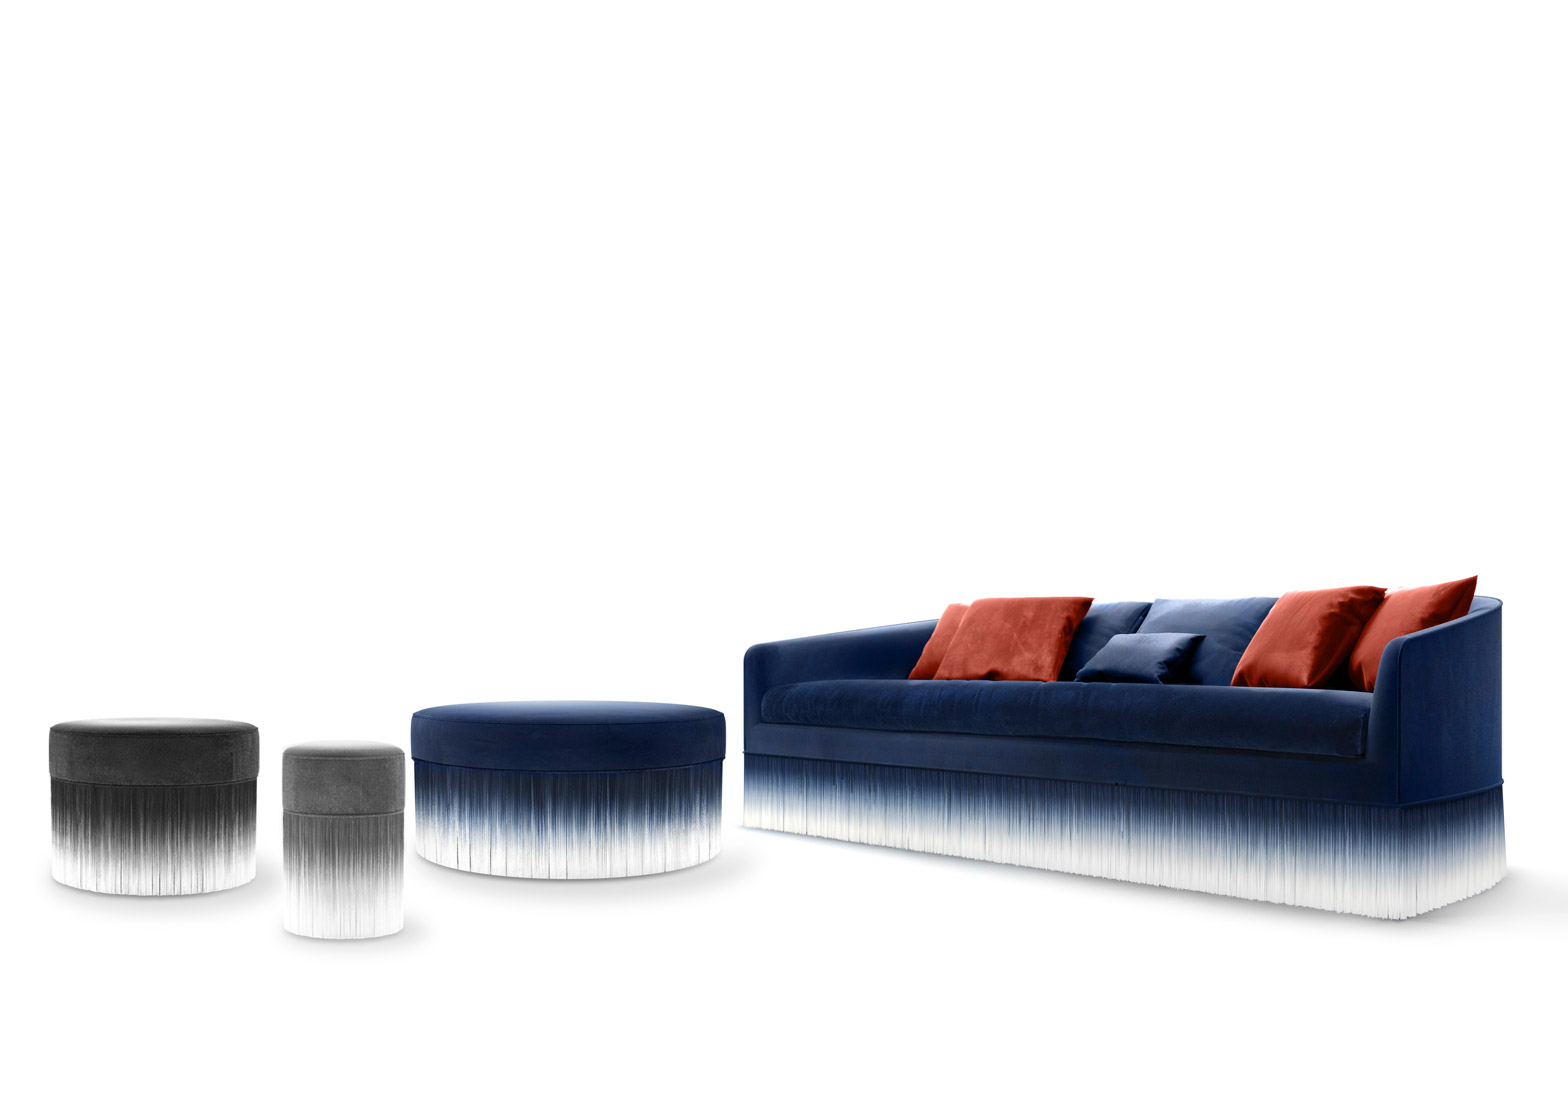 Moooi furniture and lighting at Milan 2016